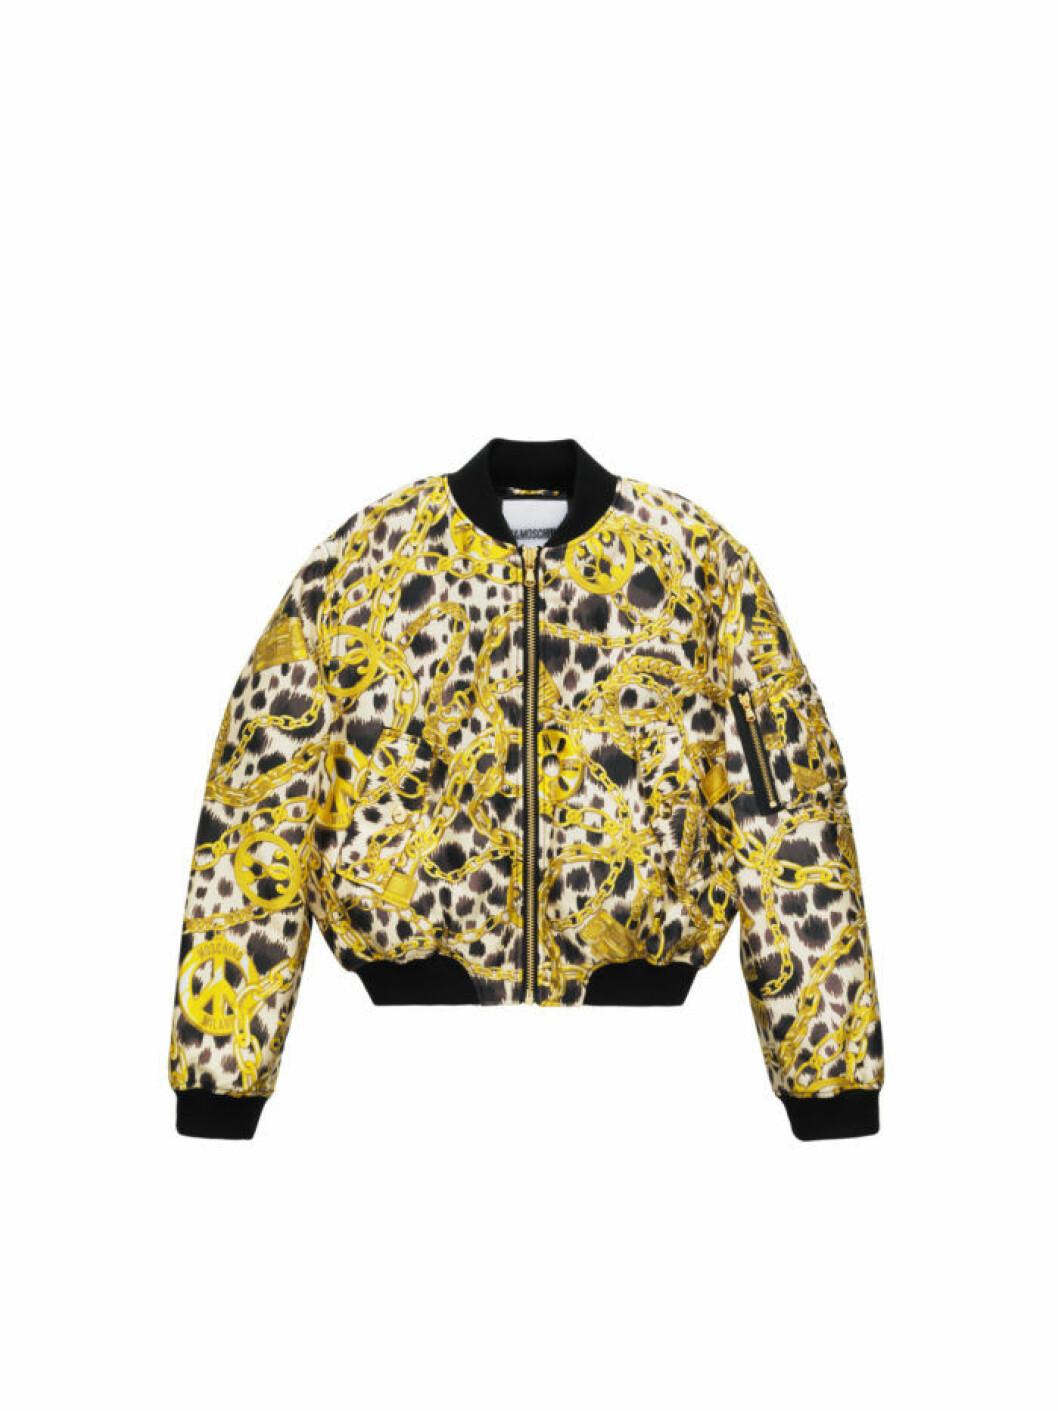 Bomberjacka med leopardprint och guldkedjor Moschino [tv] H&M